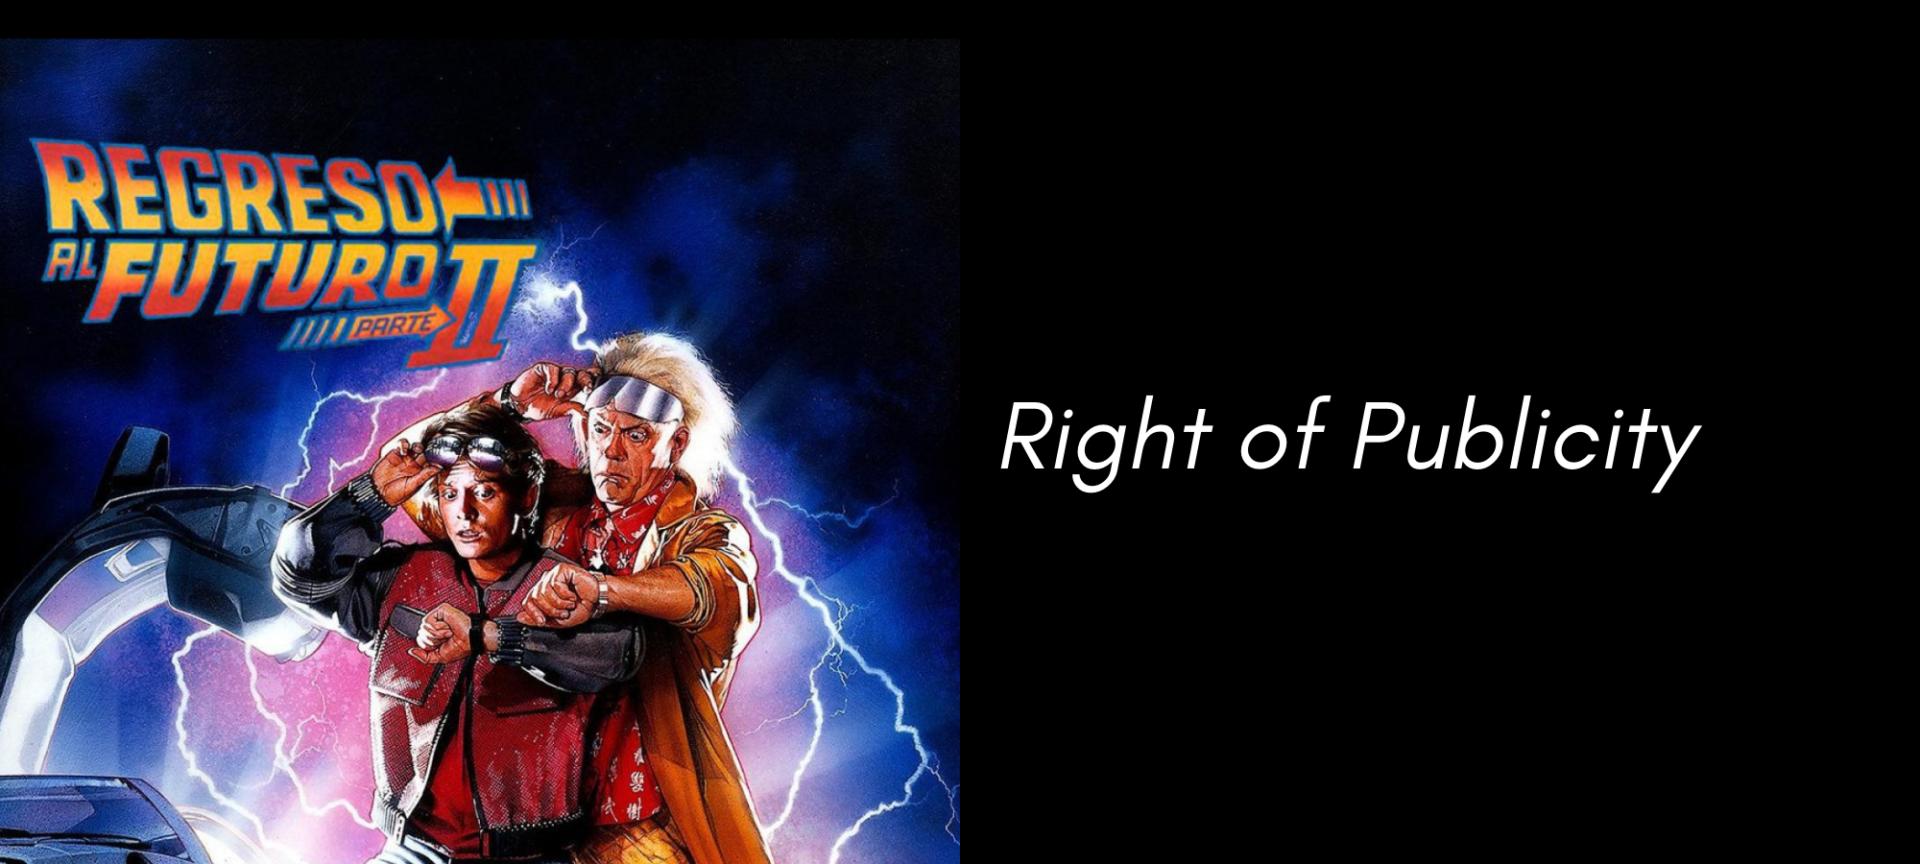 ¡Volver al futuro! El right of publicity (Derecho de imagen) en el caso Crispin Glover (George Mcfly) vs Universal Pictures.